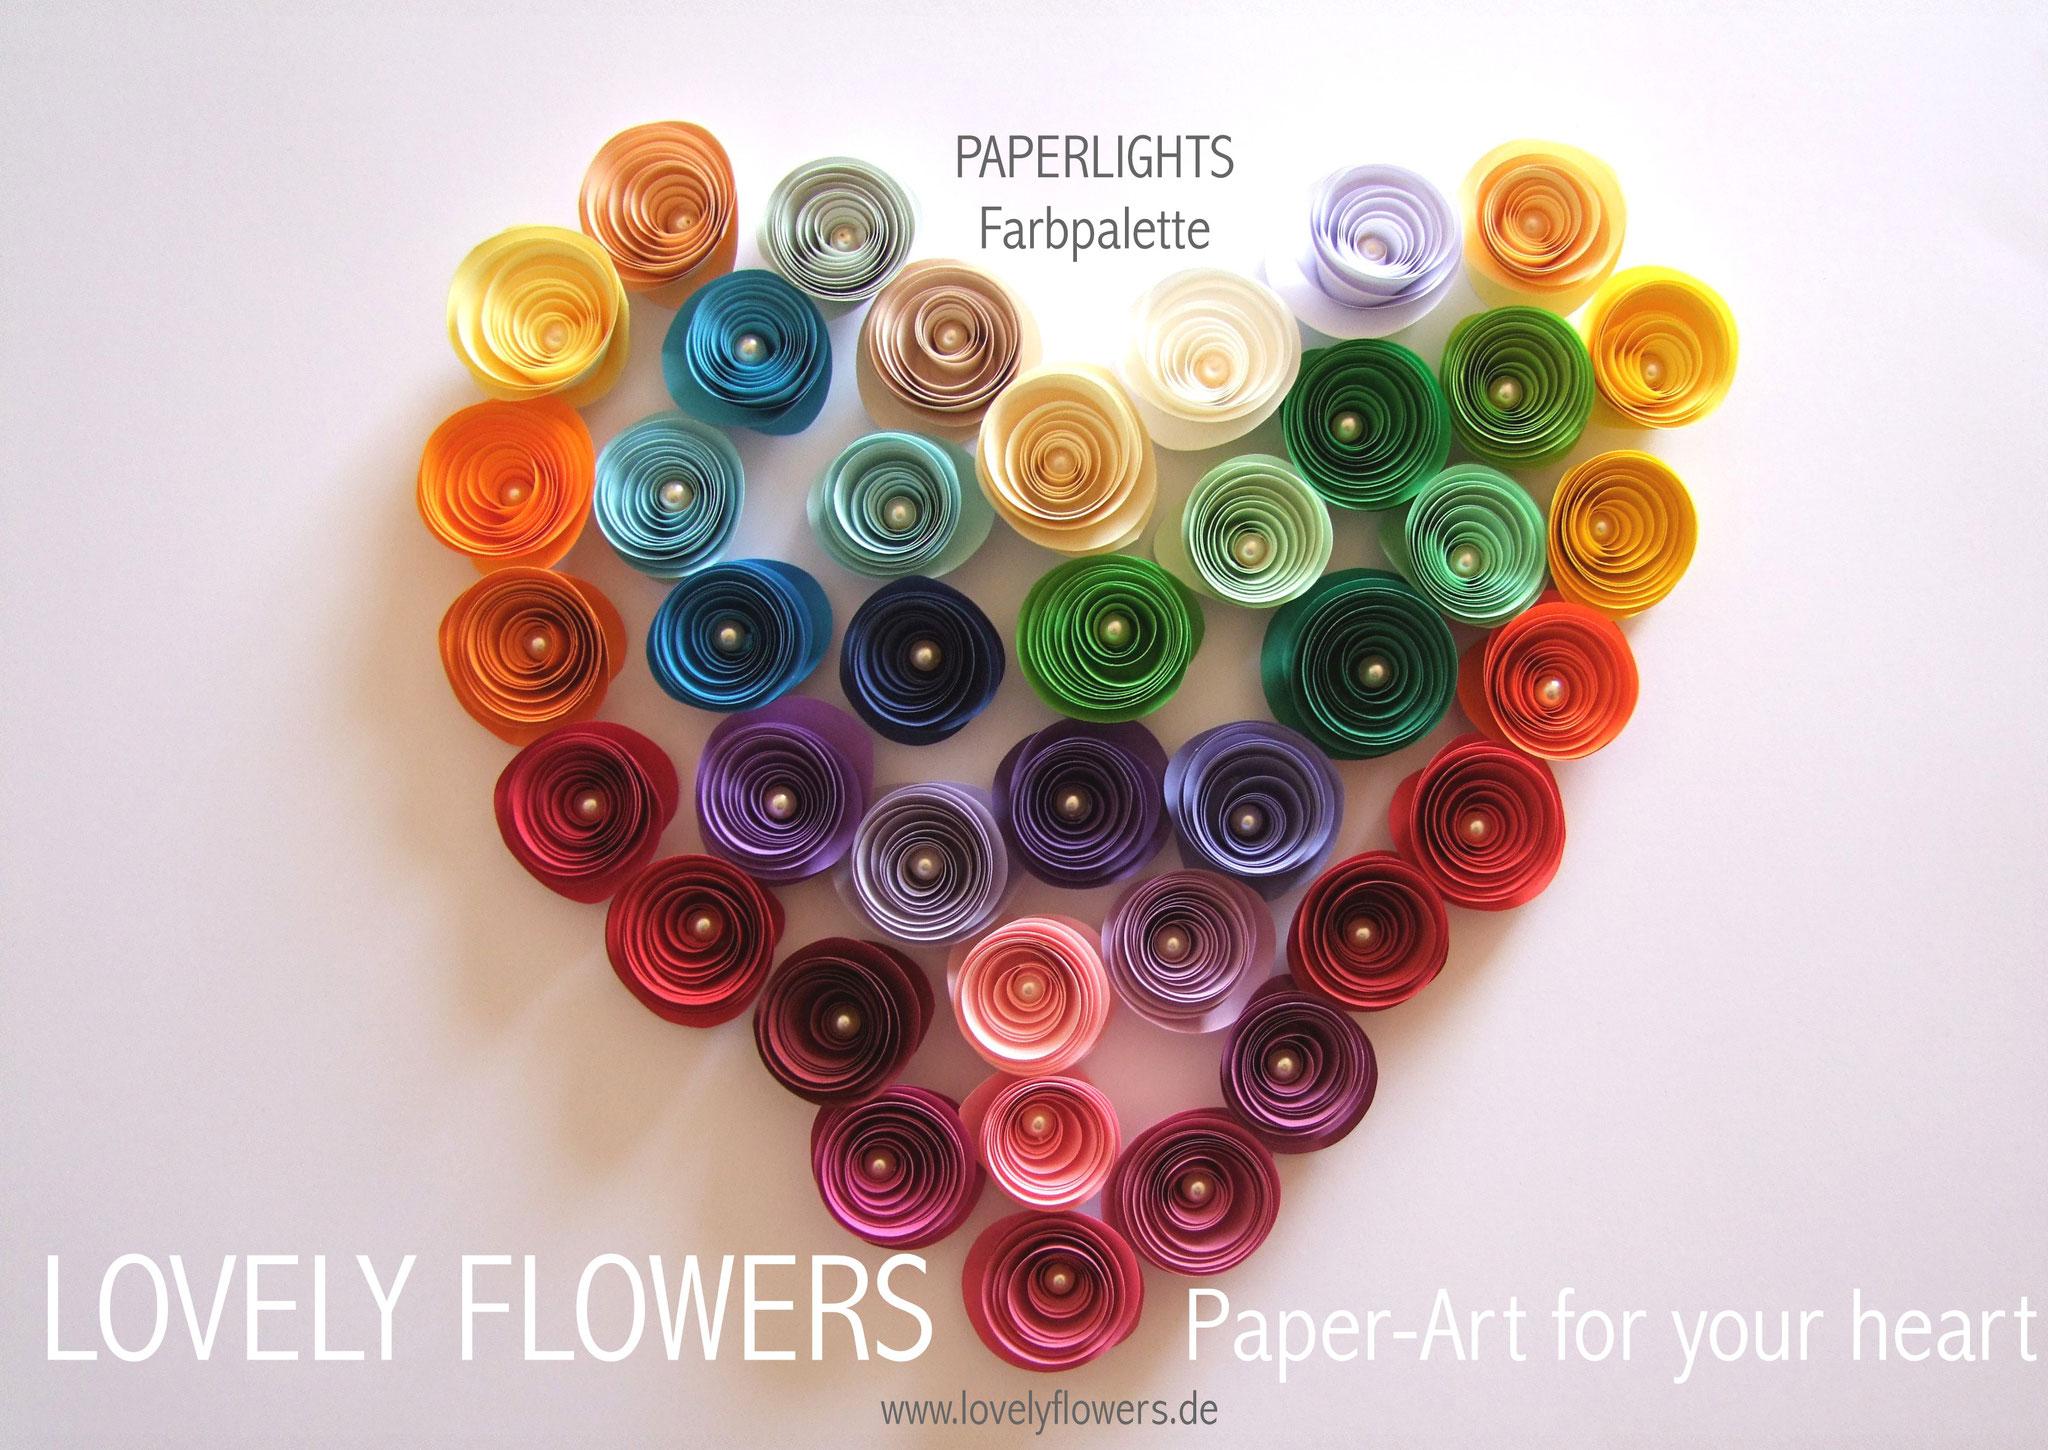 www.lovelyflowers.de - Paper Art Lampen gibt es in vielen schönen Farben und unzähligen Kombinationen!